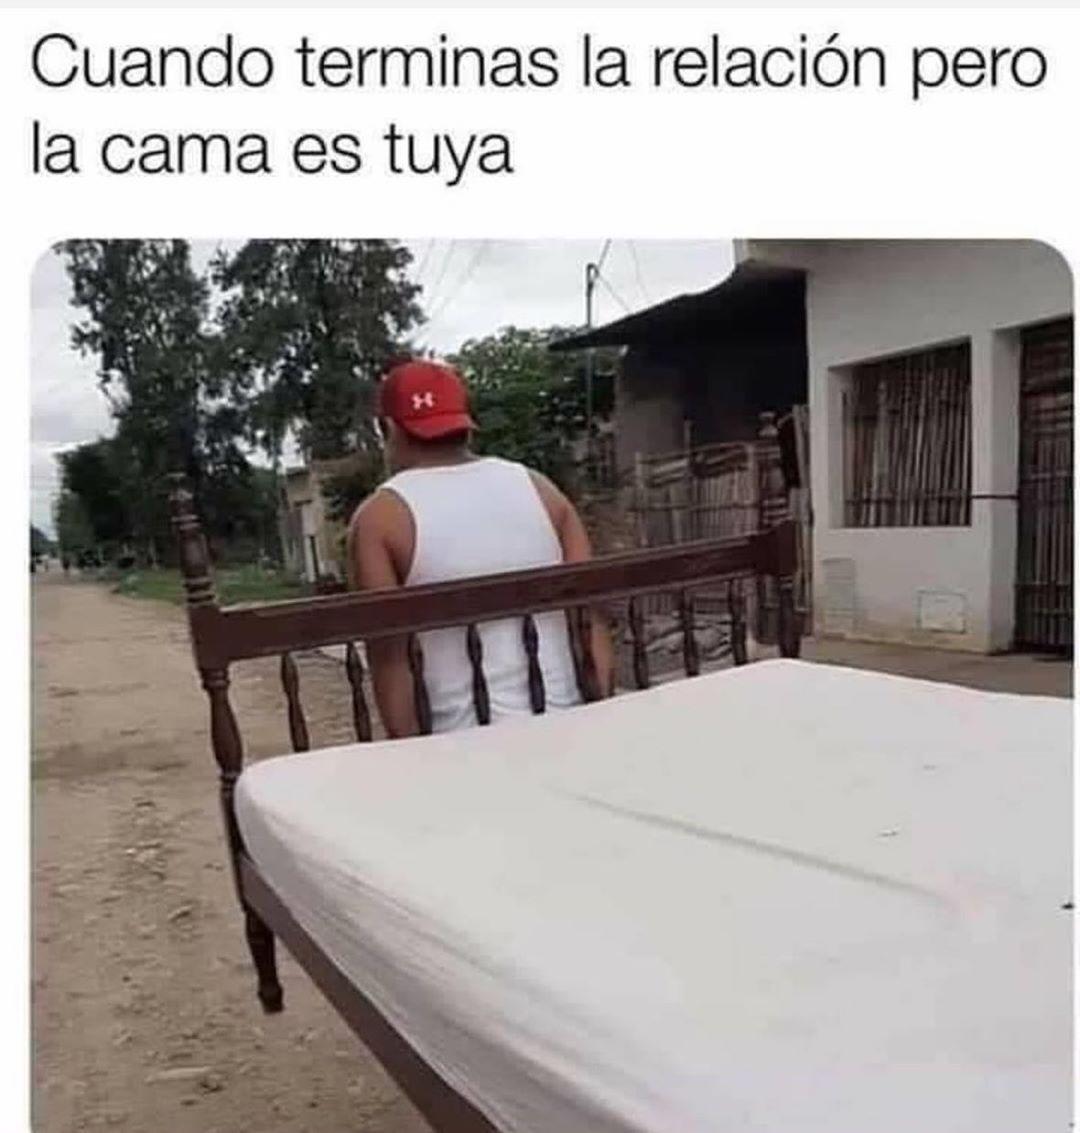 Cuando terminas la relación pero la cama es tuya.